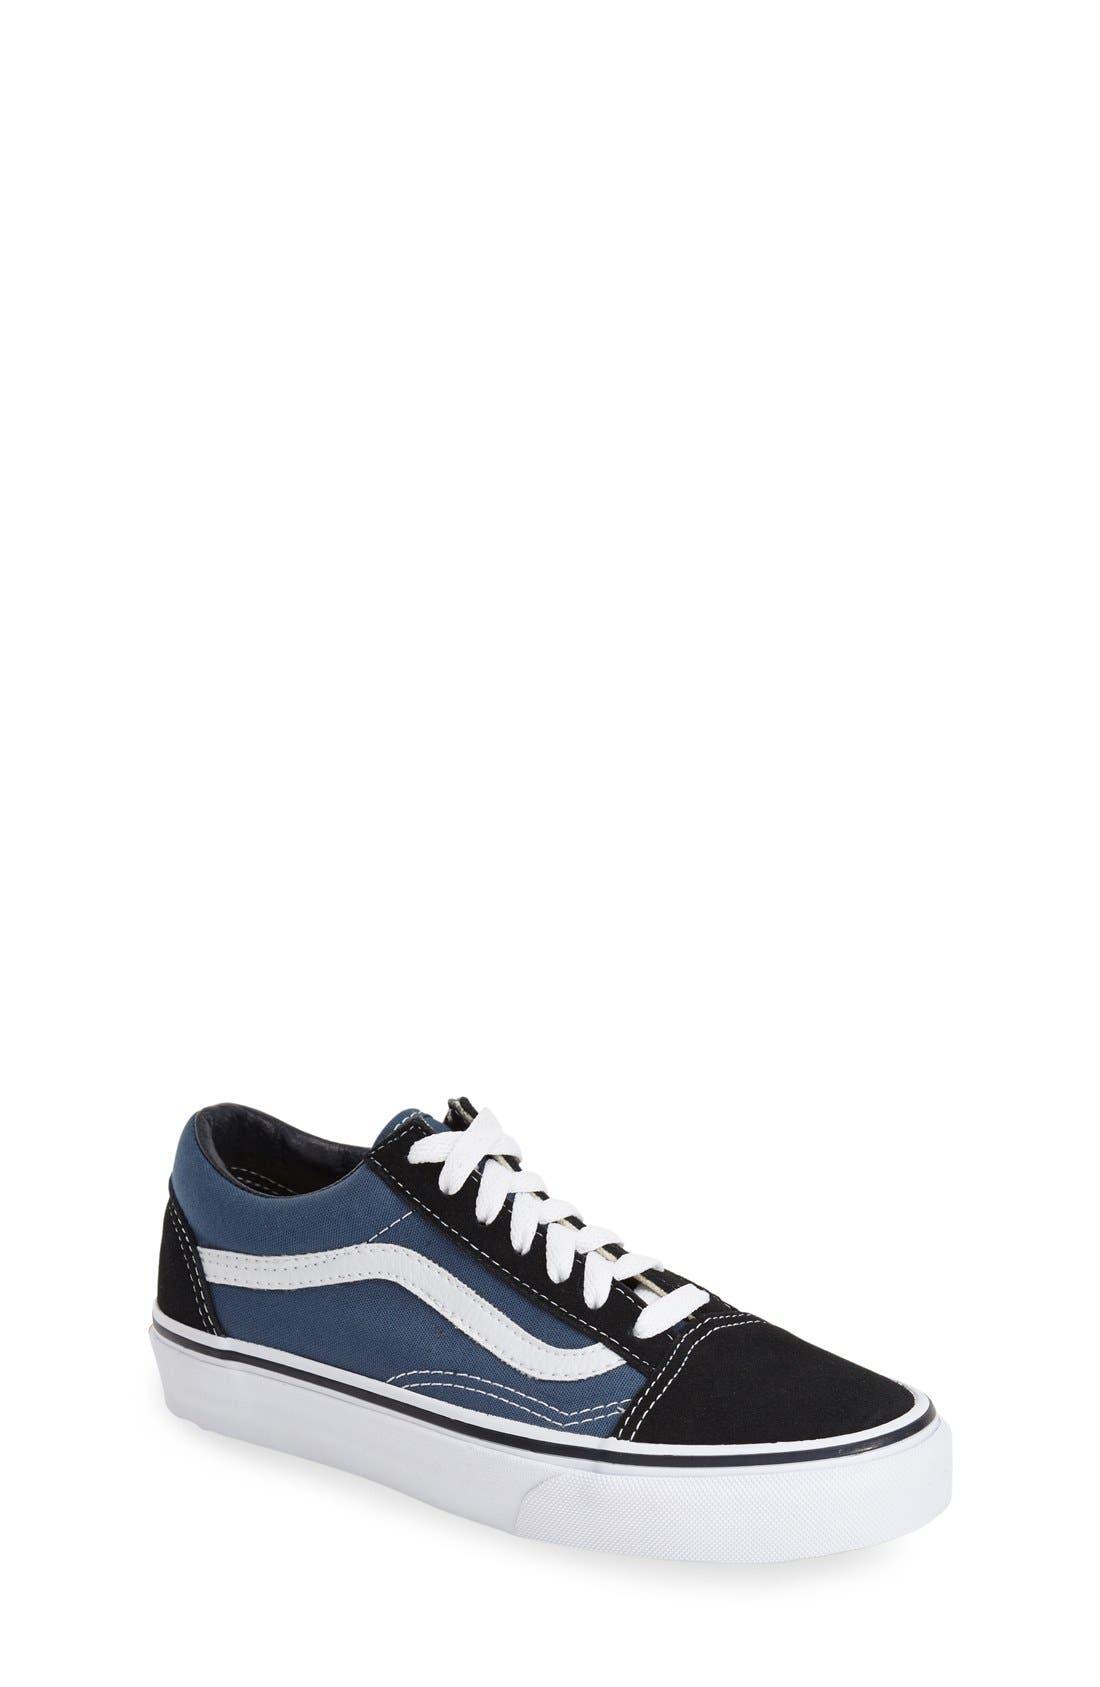 Alternate Image 1 Selected - Vans 'Old Skool' Sneaker (Big Kid)